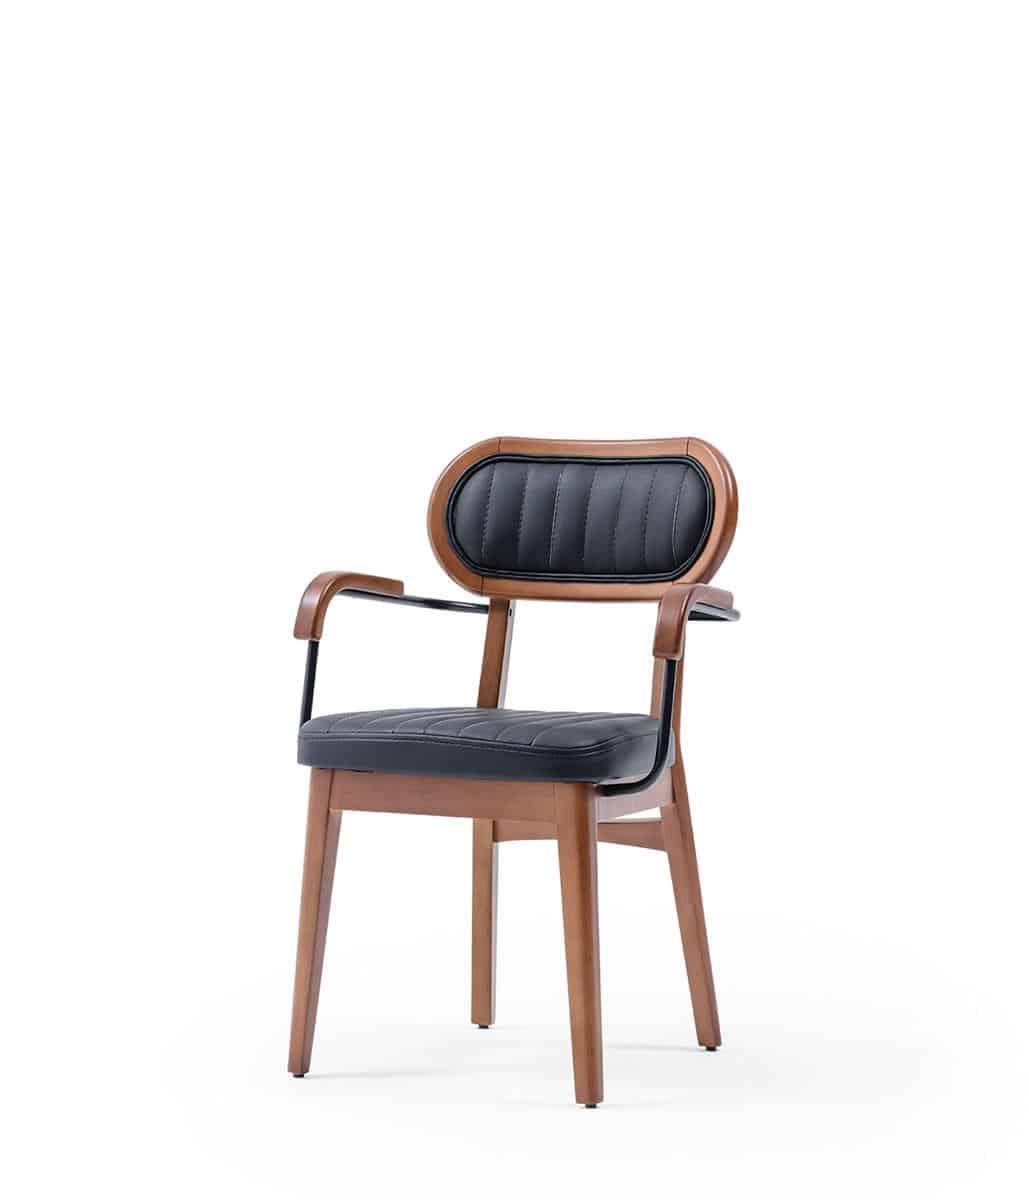 urun-iglo-kollu-sandalye-01